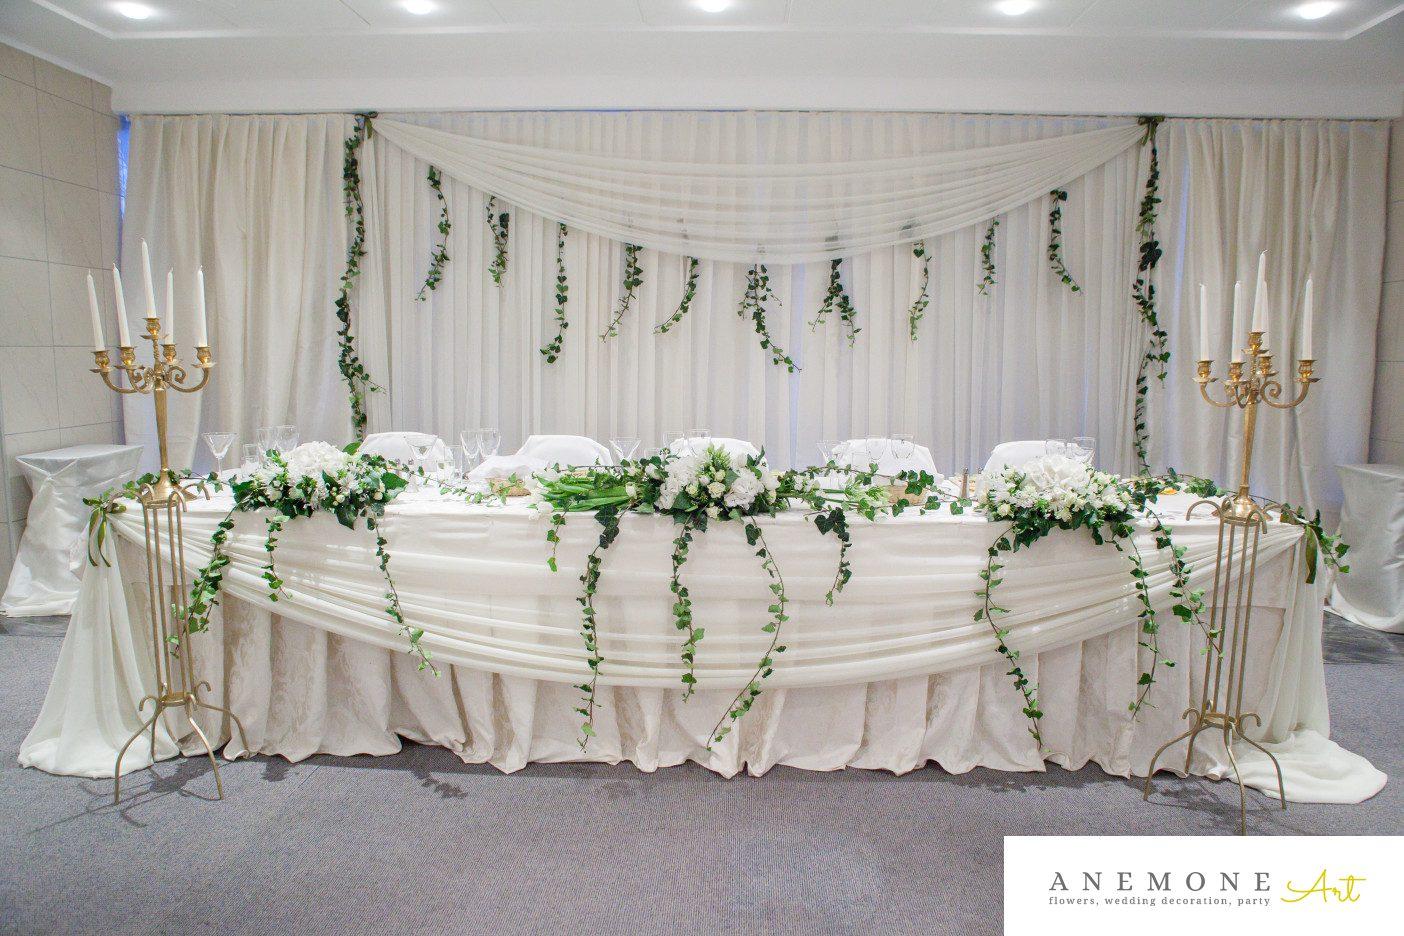 Poza, foto cu Flori de nunta decor sala, prezidiu in Arad, Timisoara, Oradea (wedding flowers, bouquets) nunta Arad, Timisoara, Oradea